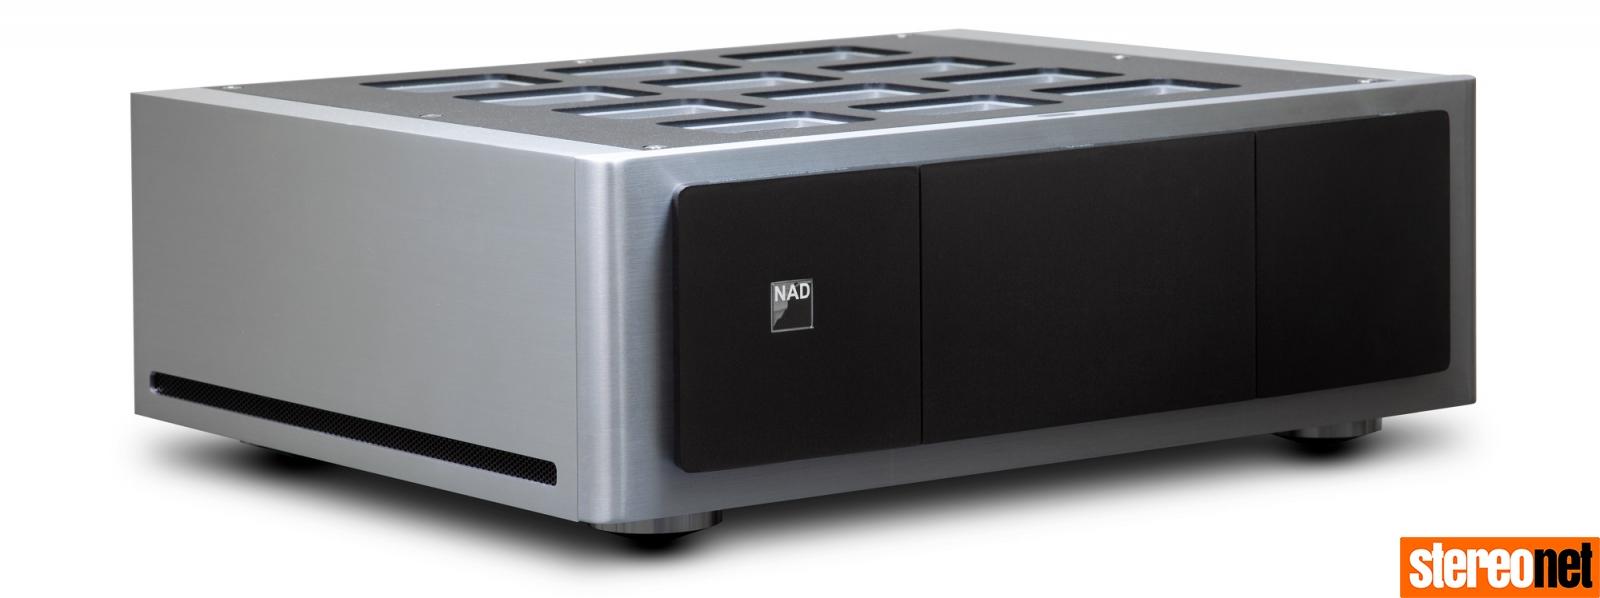 NAD M28 Power Amp uk hifi news